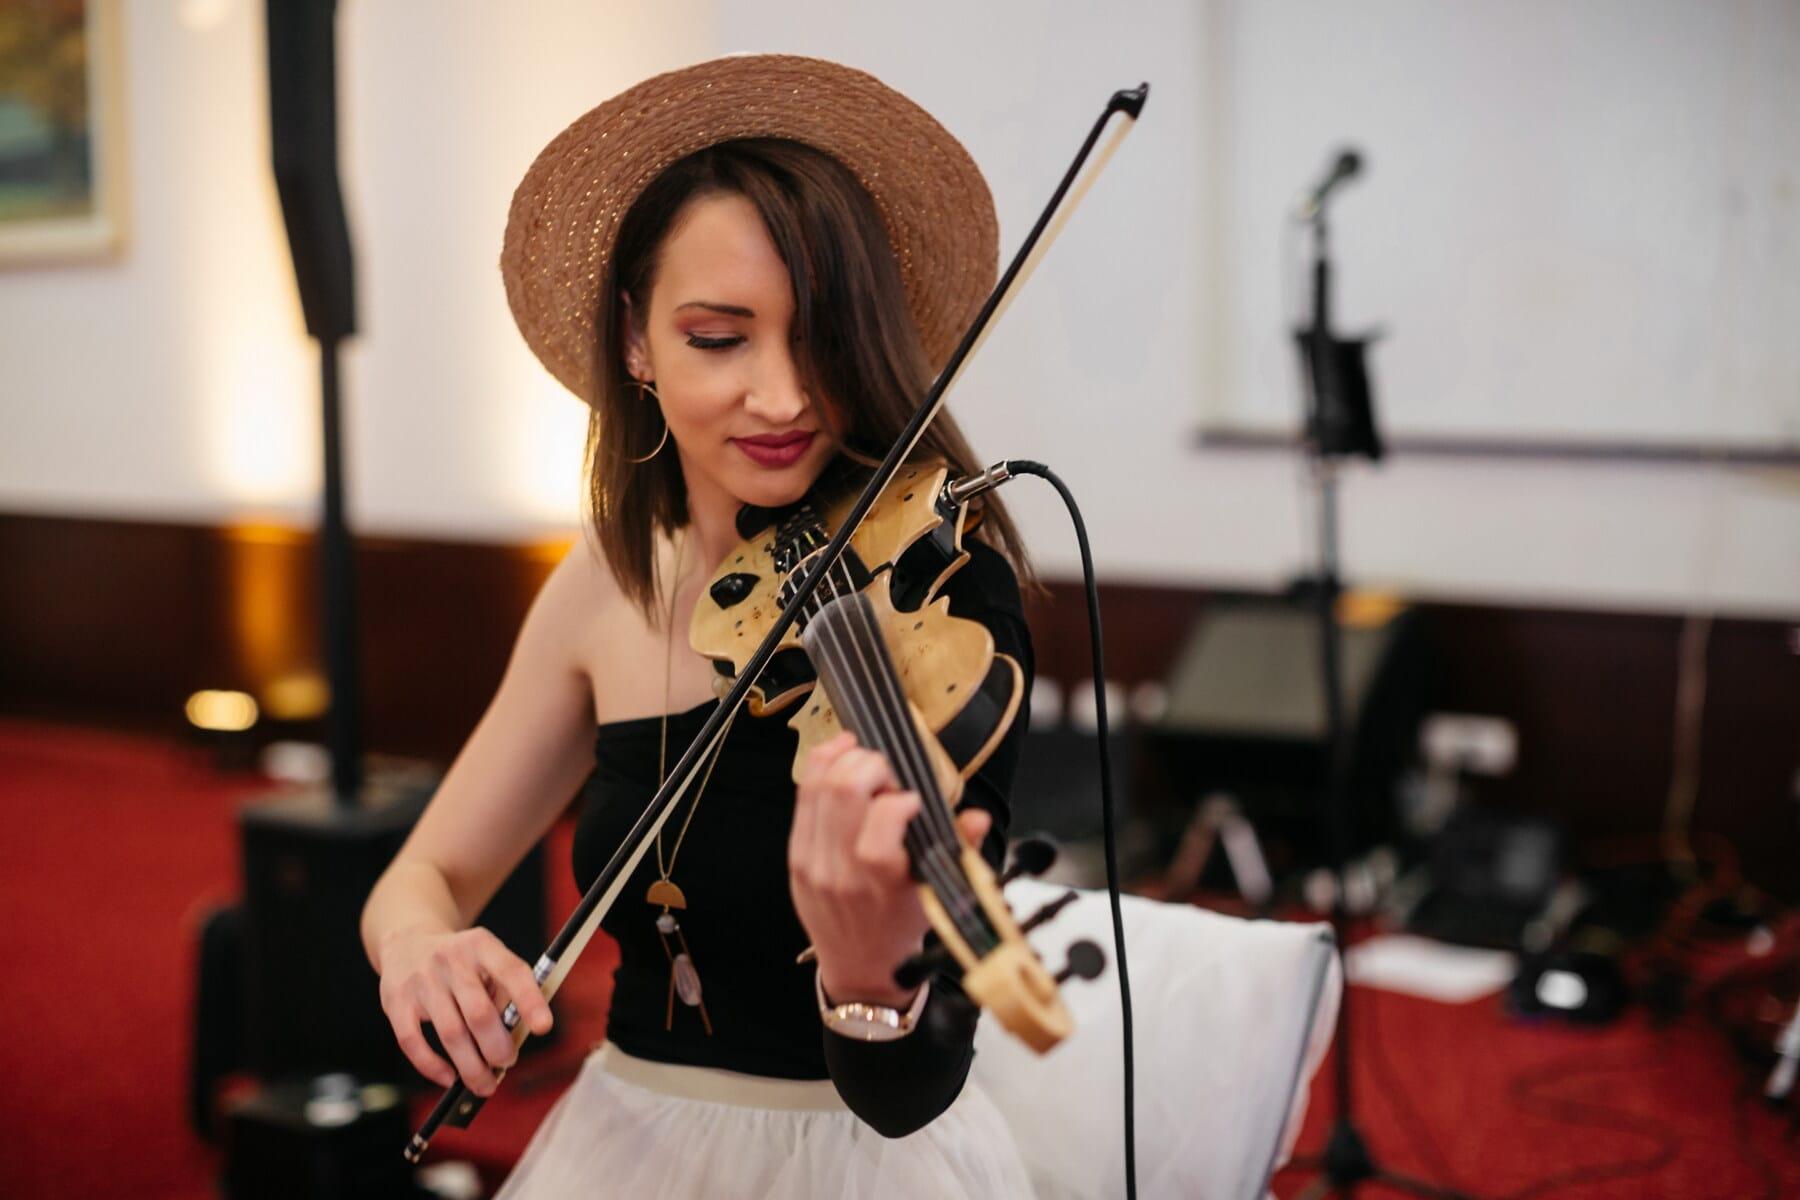 hezké děvče, elektrické, housle, půvab, koncert, hudebník, klobouk, obličej, oblečení, portrét